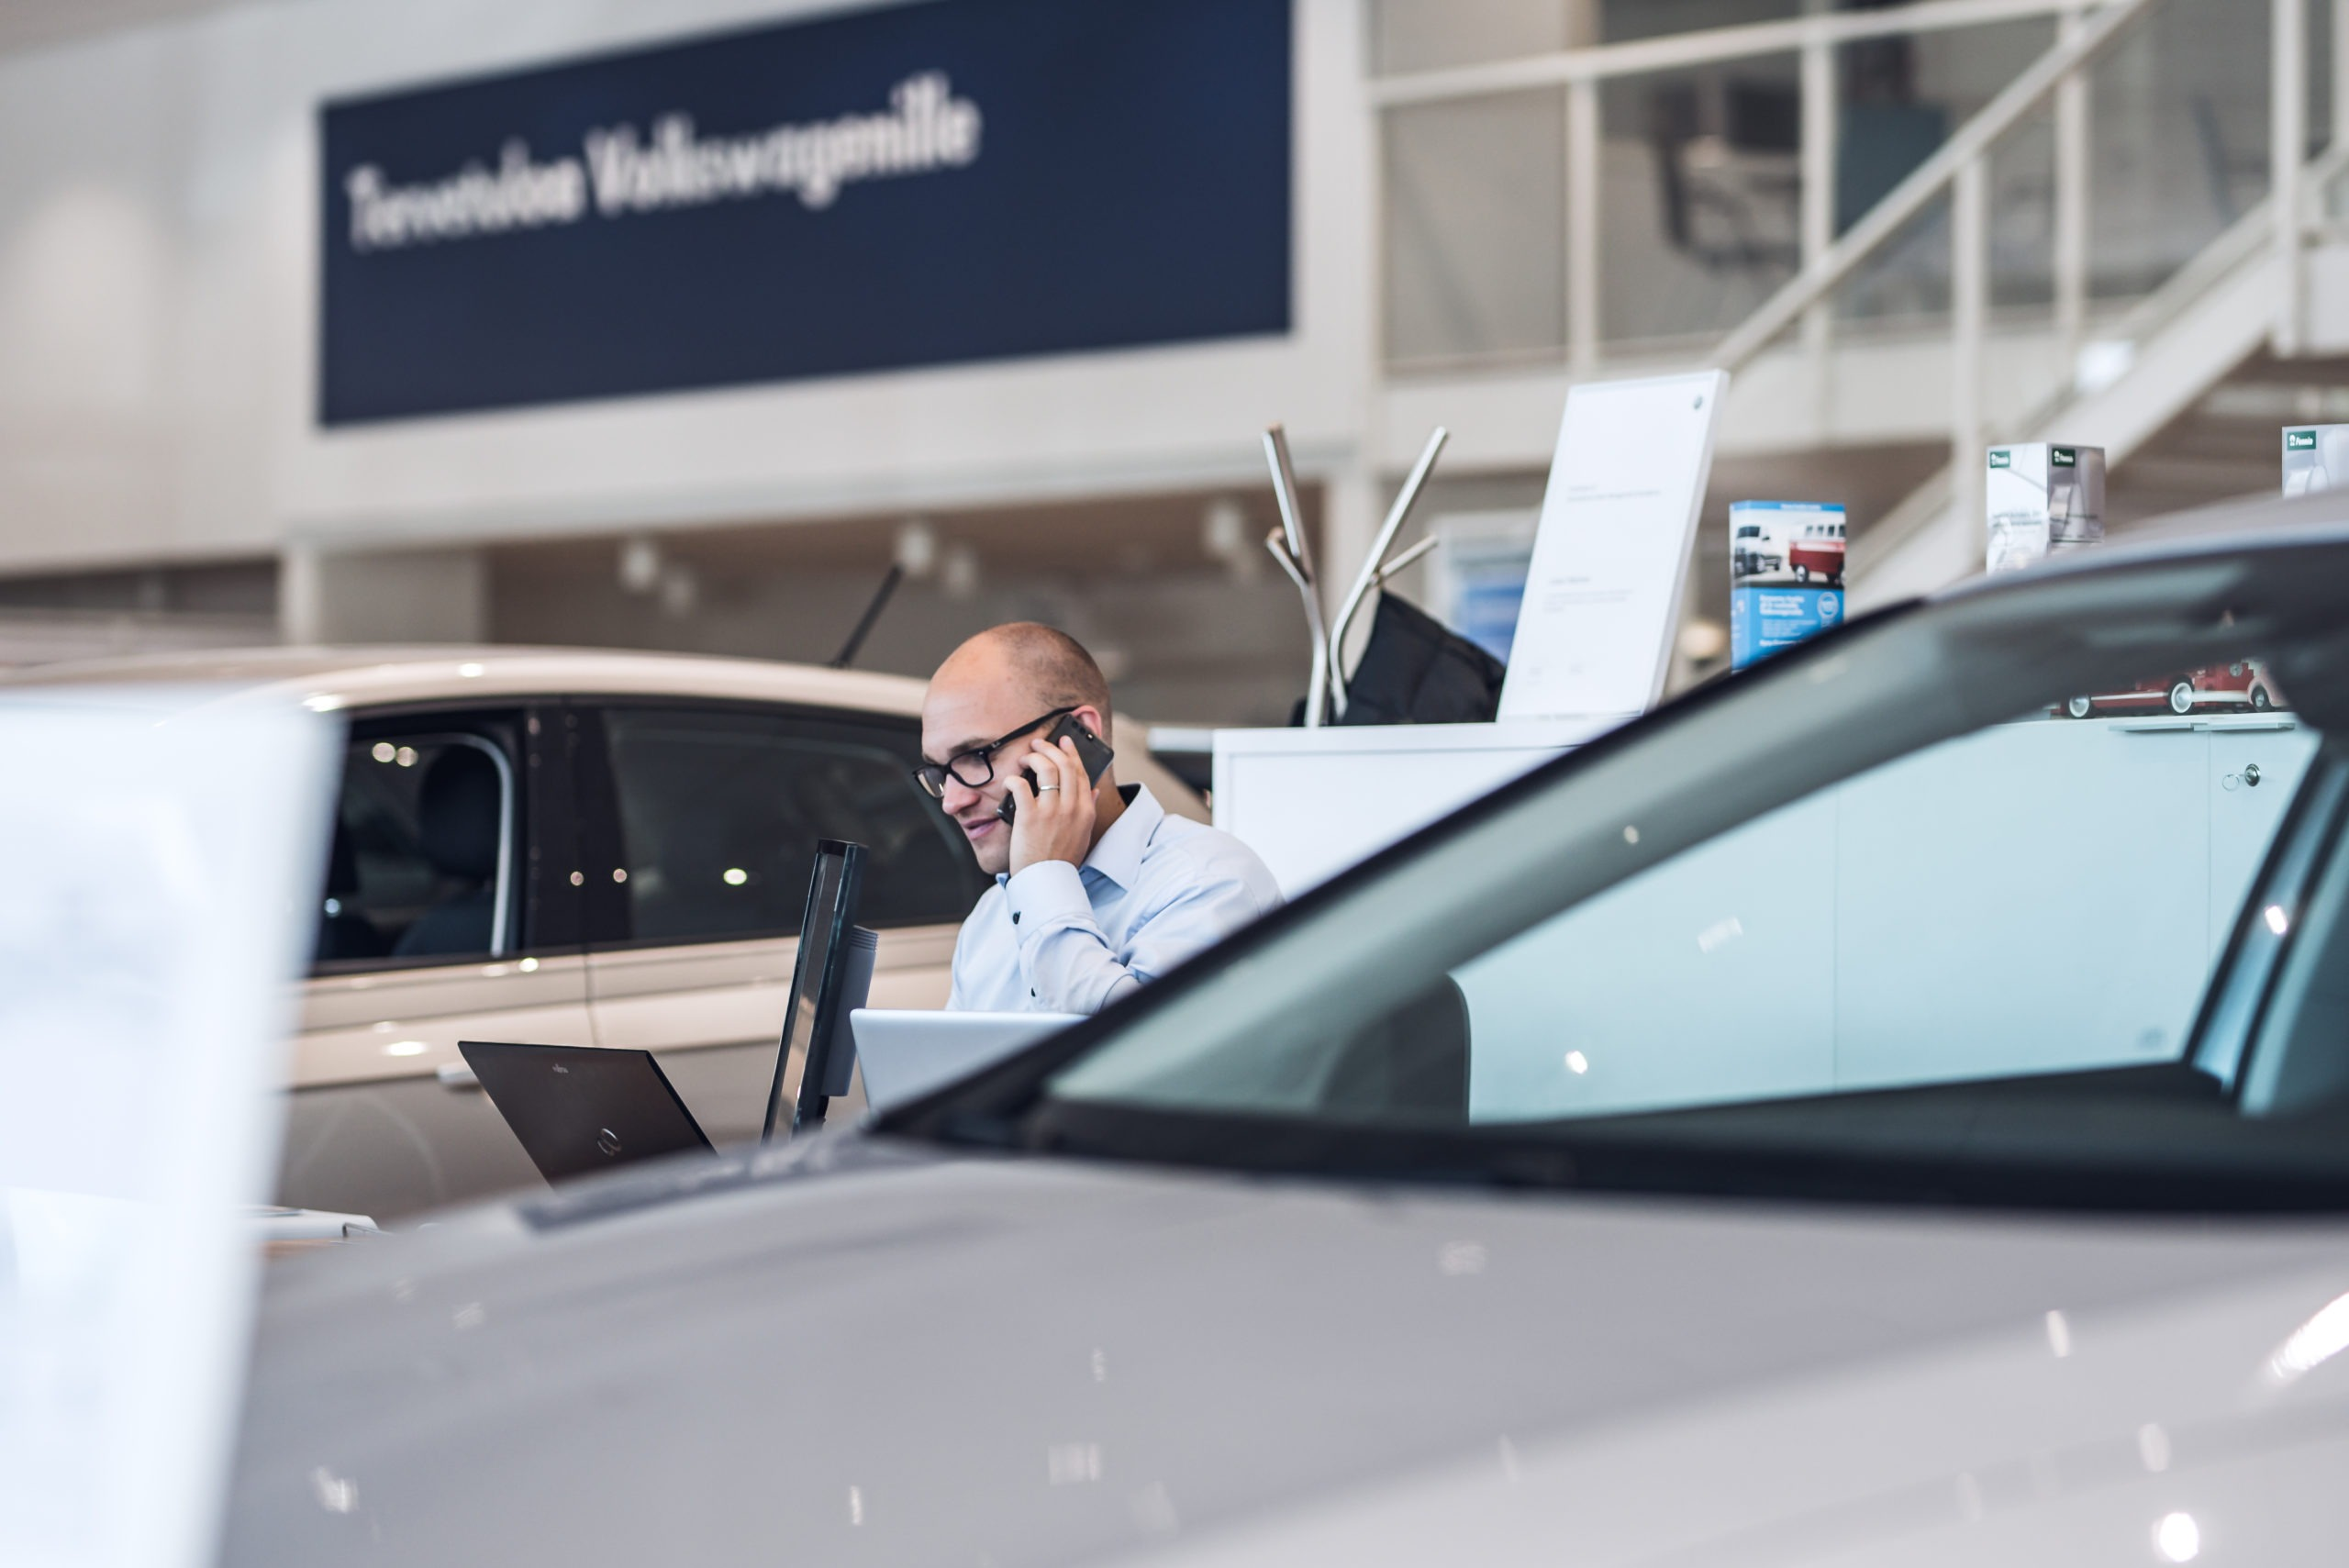 Myyntipäällikkö, Juhani Mattinen, keskustelemassa asiakkaan kanssa puhelimessa